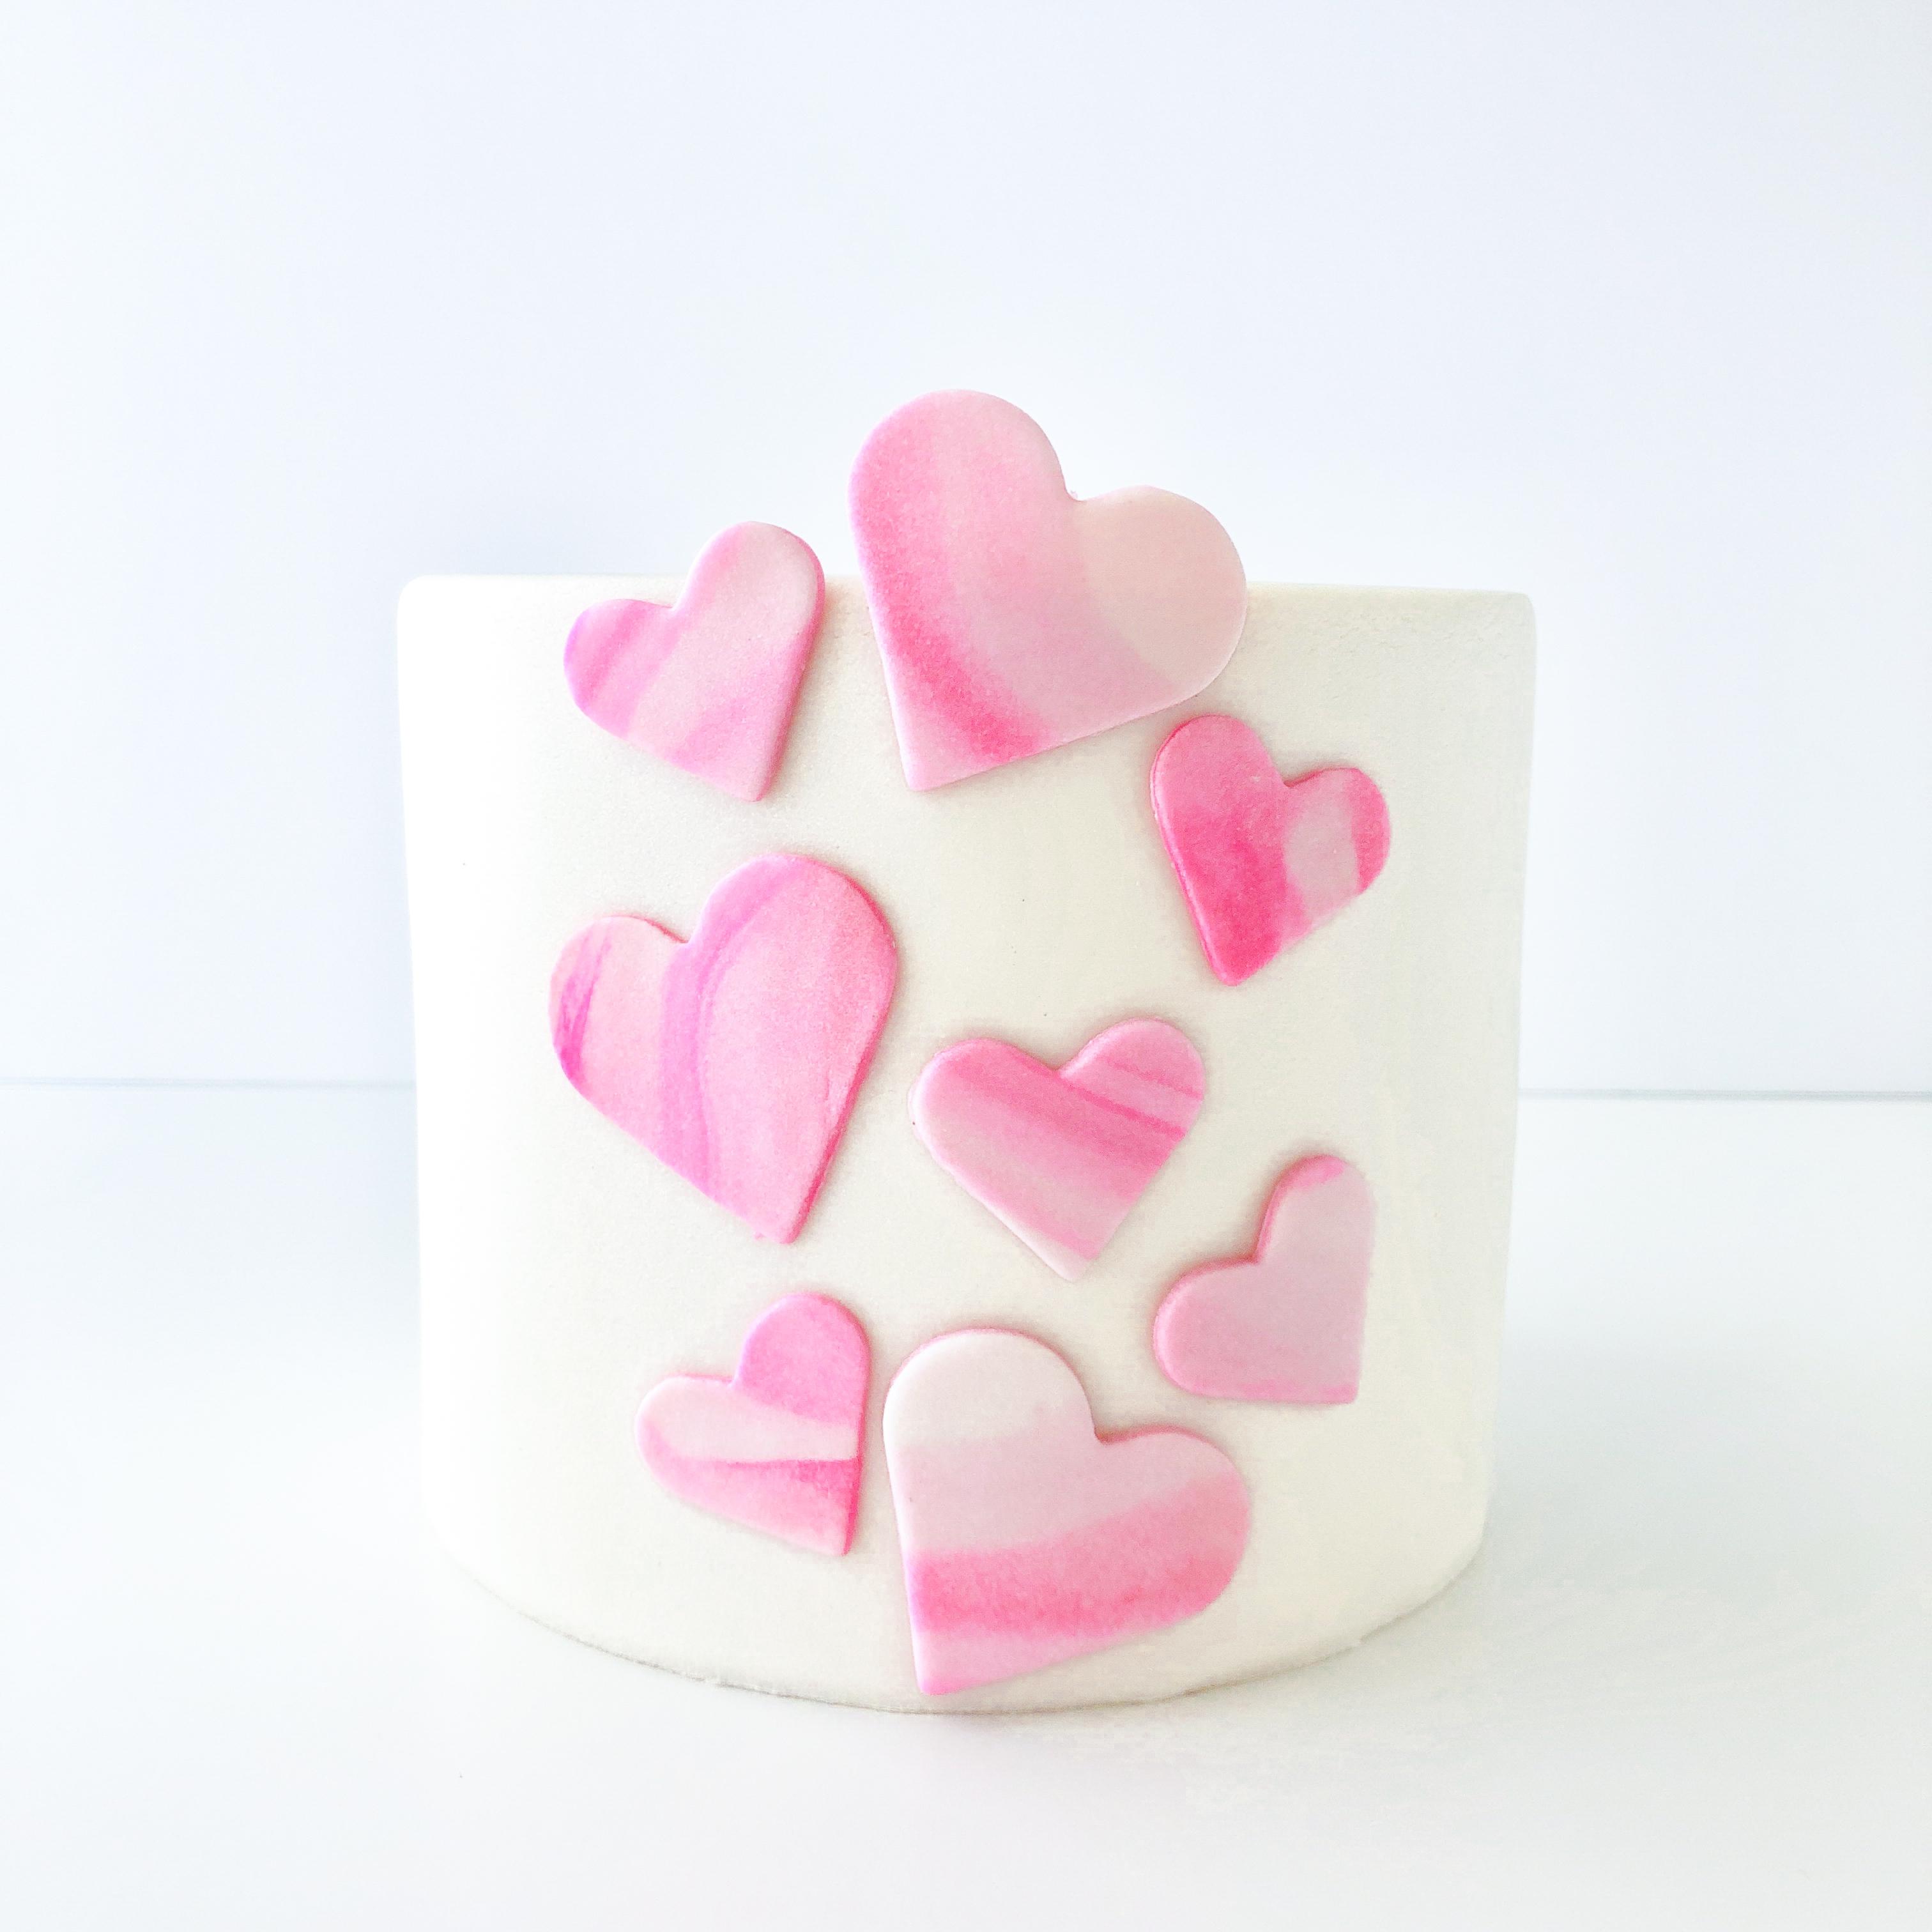 Shimmer_heart_cake_tutorial_Step_6.jpg?mtime=20210303104614#asset:416964